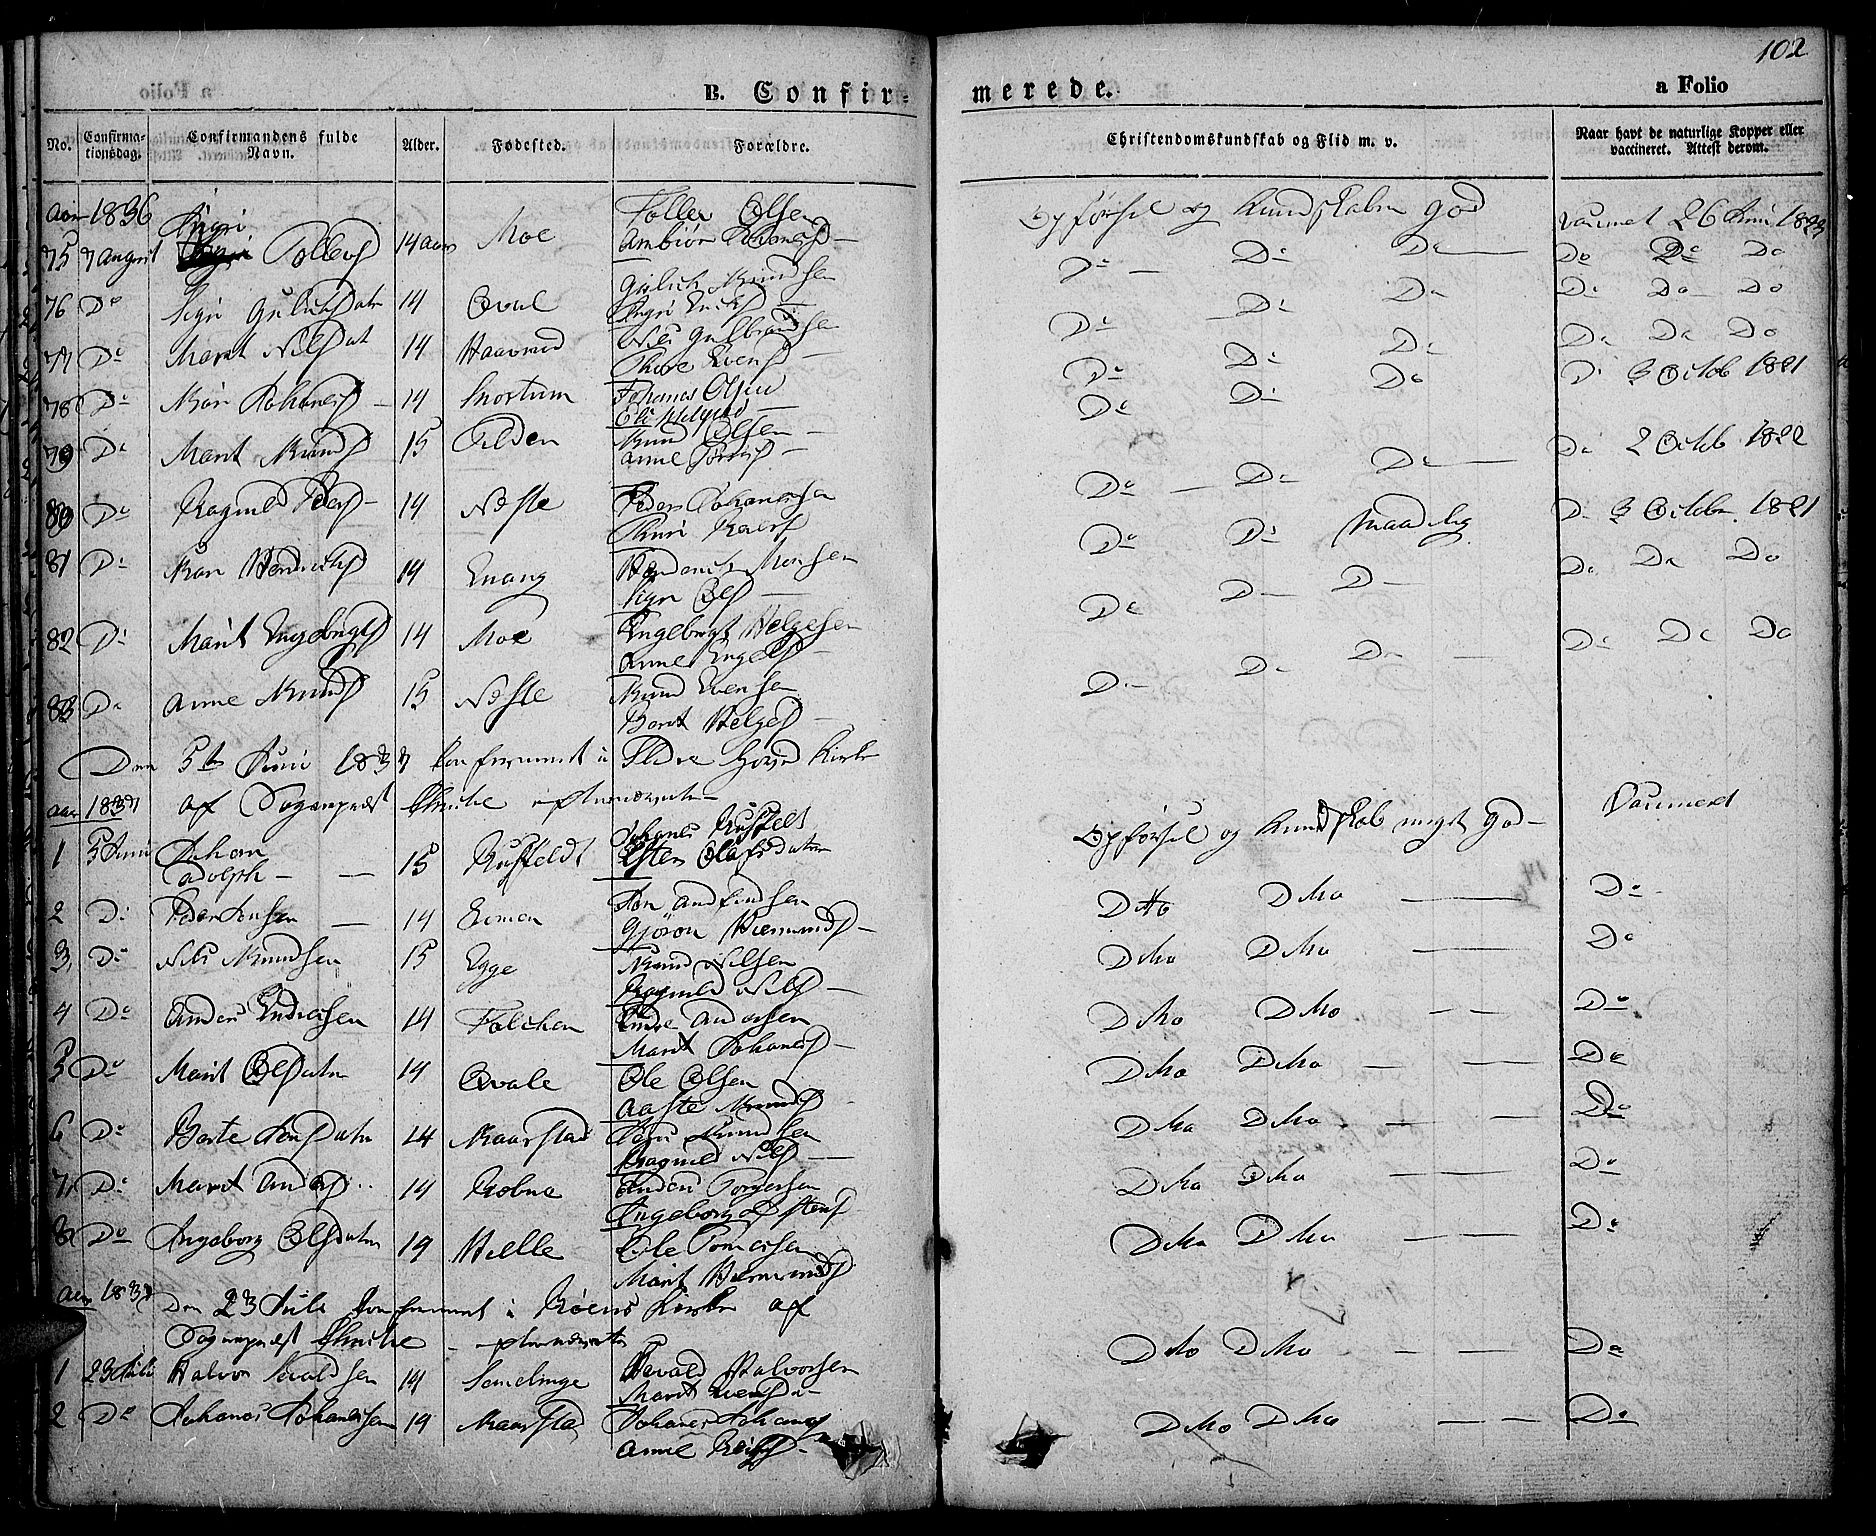 SAH, Slidre prestekontor, Ministerialbok nr. 3, 1831-1843, s. 102